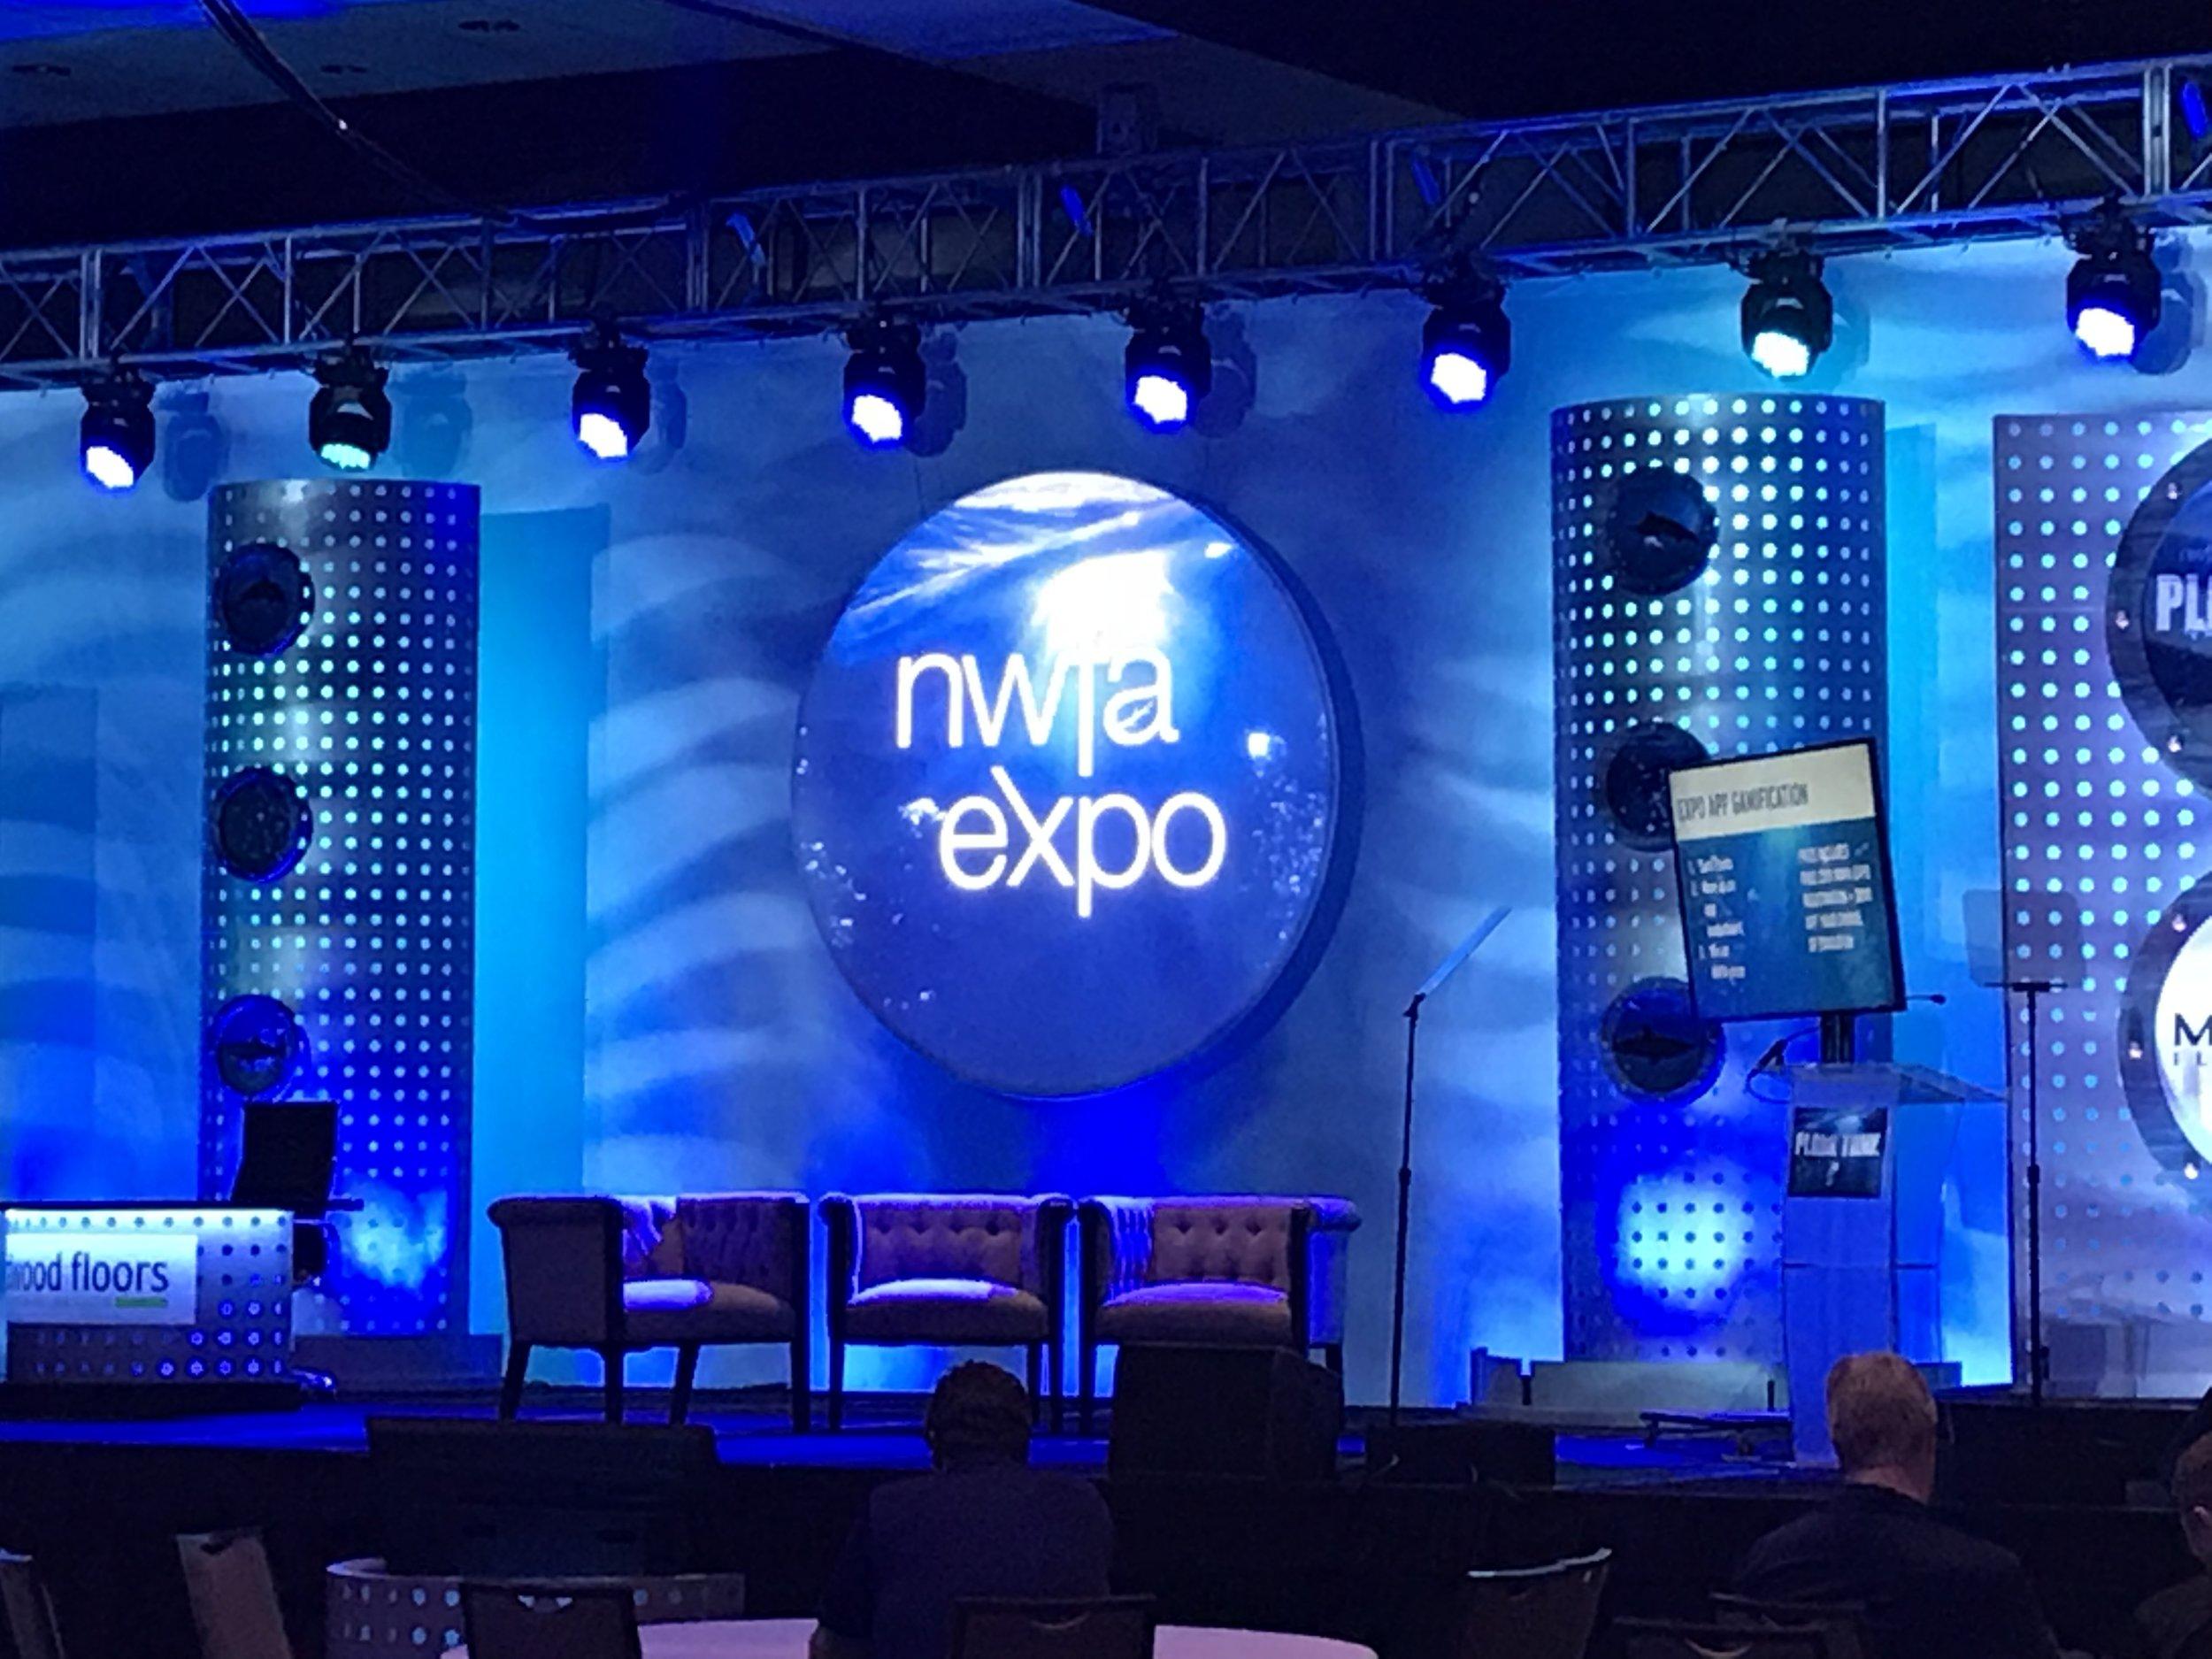 NWFA Expo